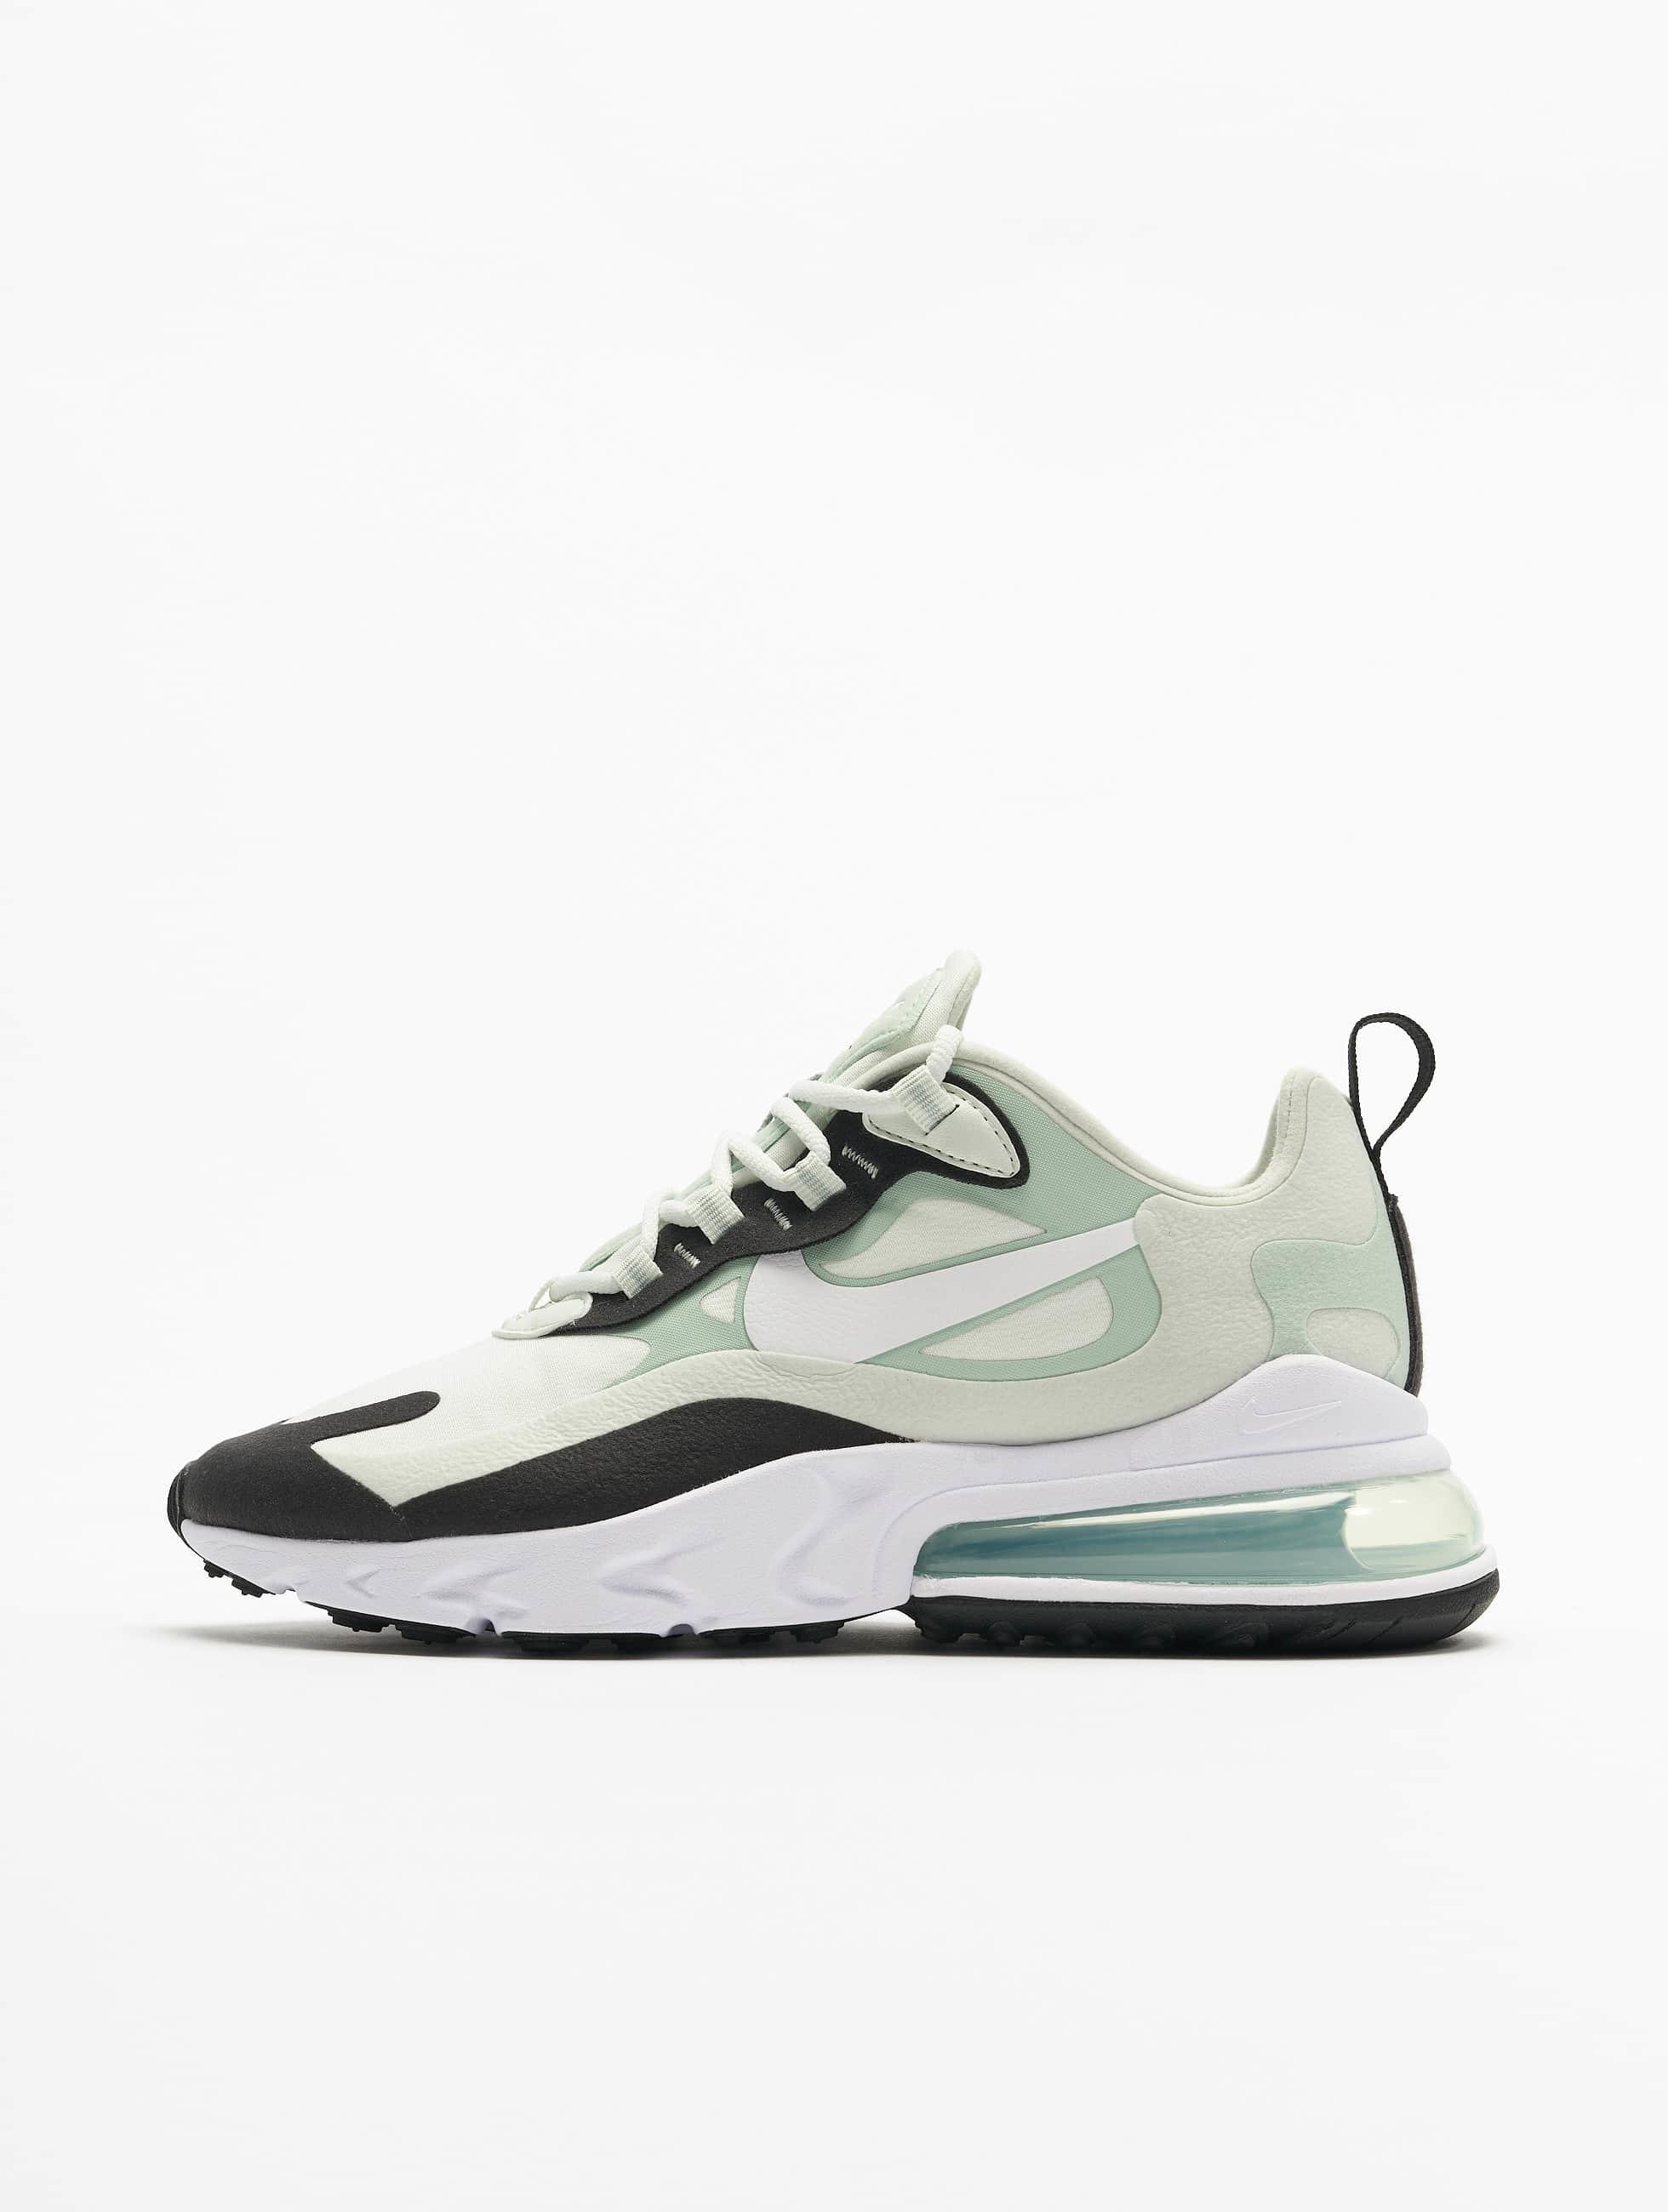 Nike Air Max 270 React Sneakers Spruce AuraWhitePistachio FrostBlack